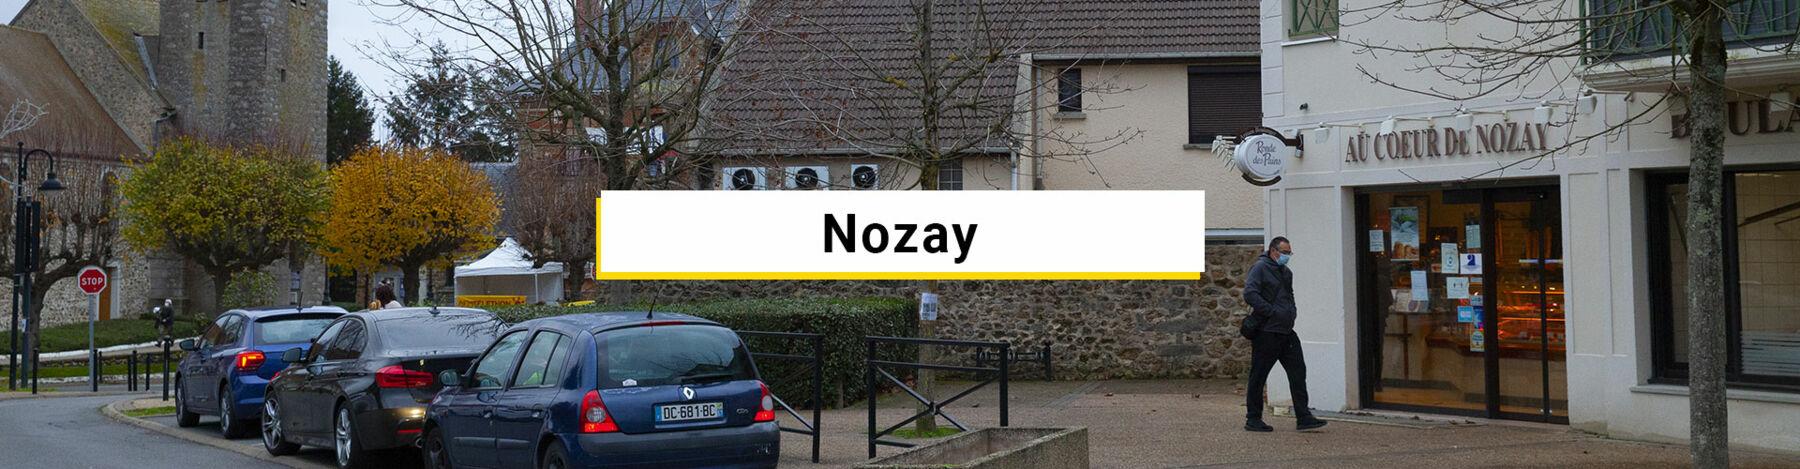 Nozay boutiques